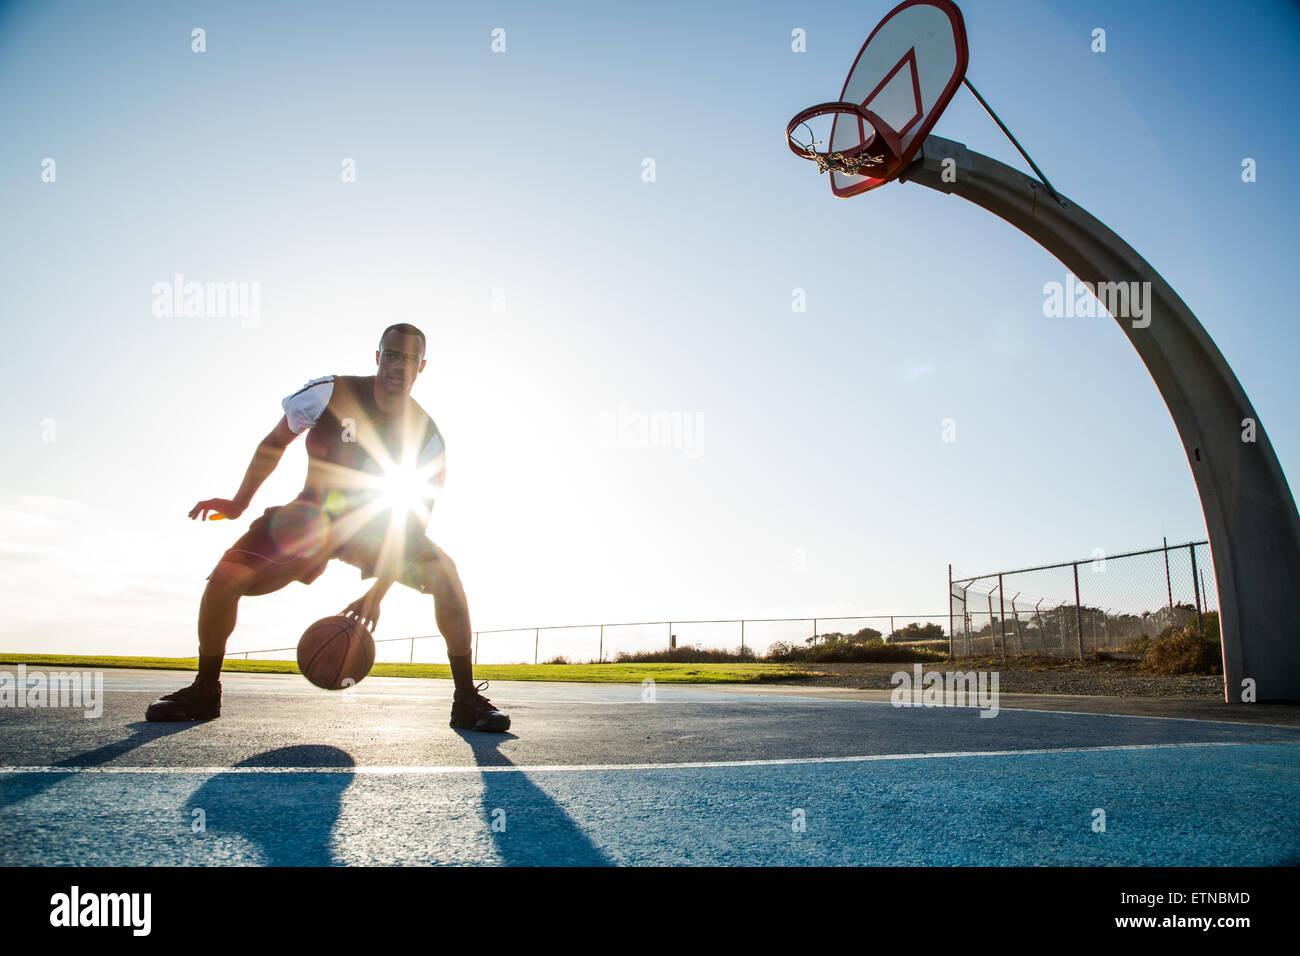 Junger Mann spielen Basketball in einem Park, Los Angeles, Kalifornien, USA Stockbild